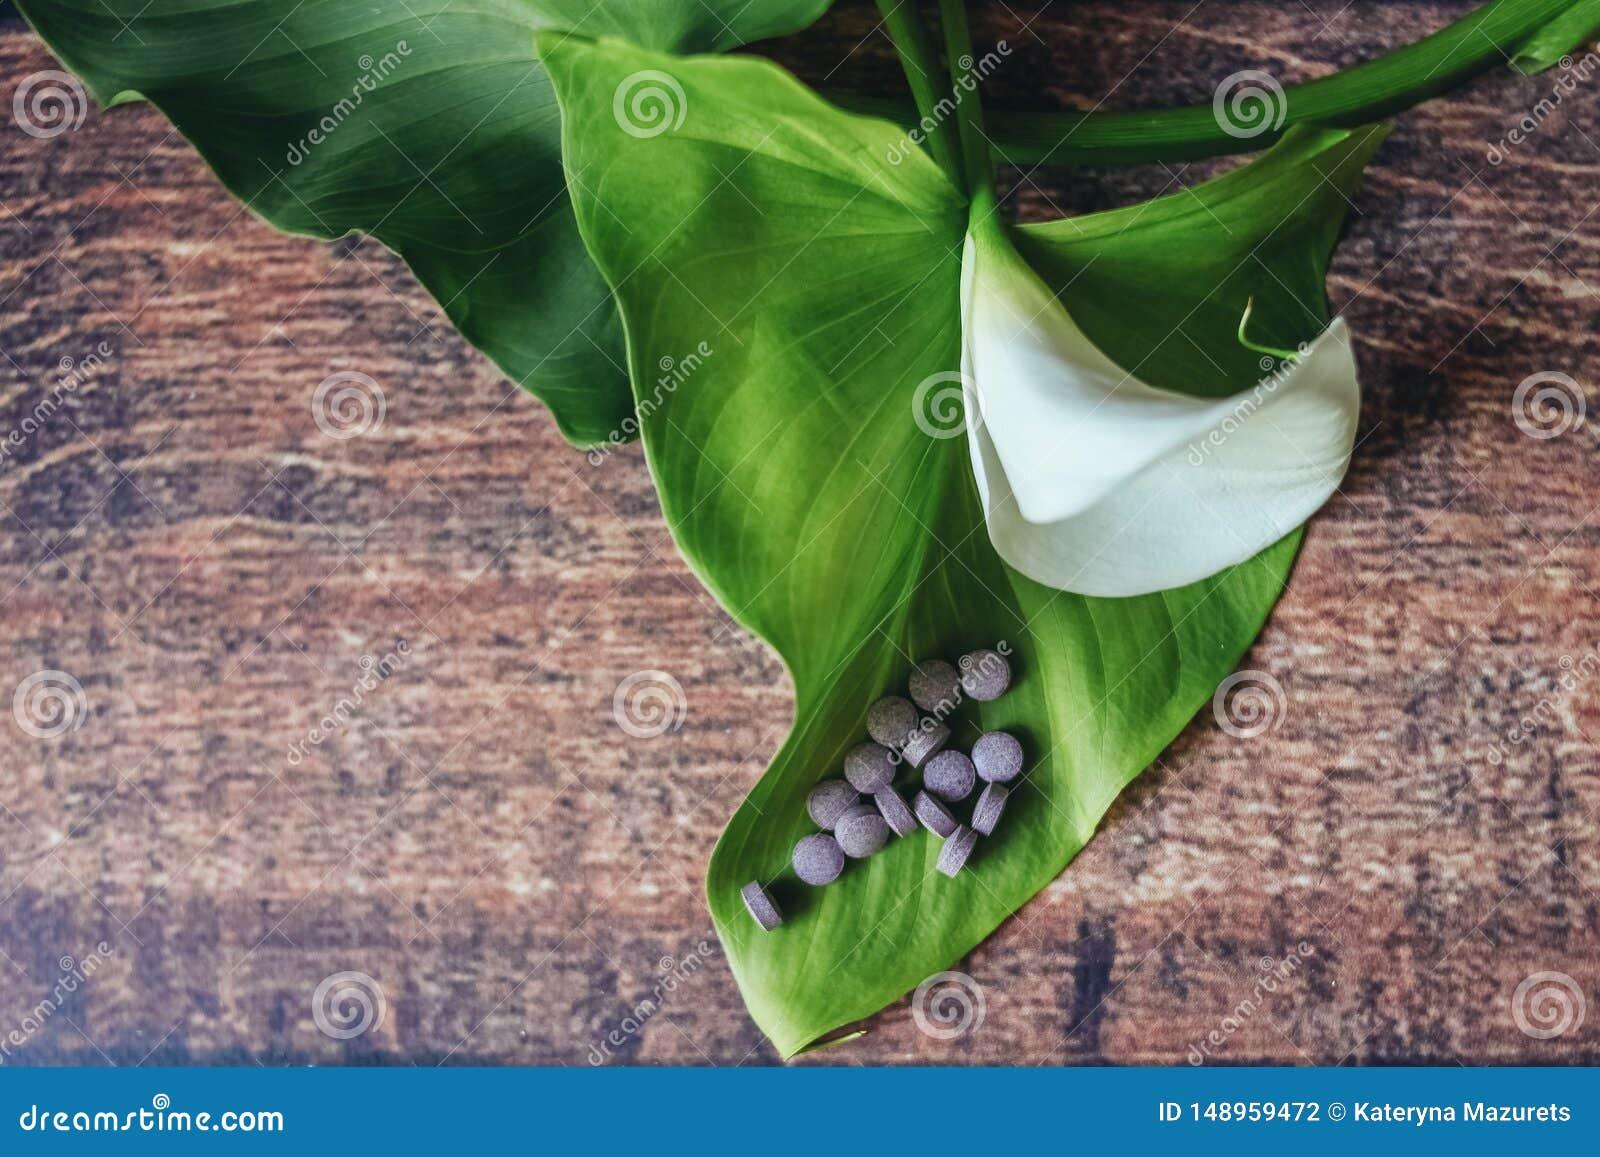 Pilules pourpres sur une belle feuille de fleur blanche